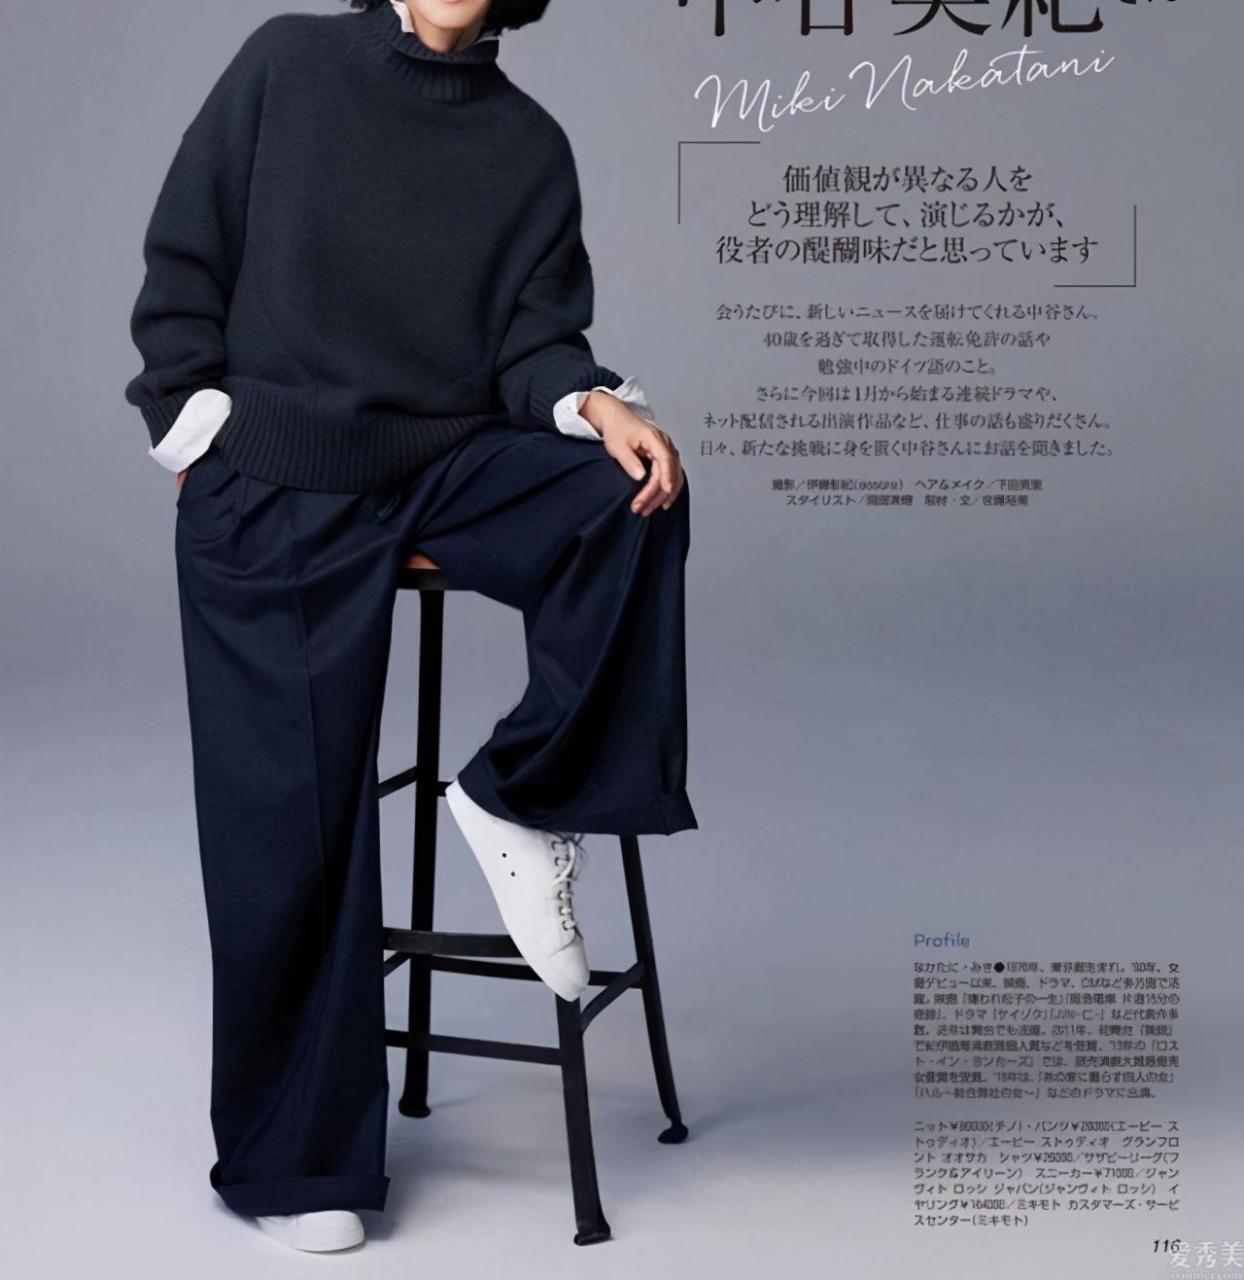 """五十歲小個子女性穿著打扮要""""謹慎"""",霜降學日本國時尚博主那般搭,很顯瘦"""